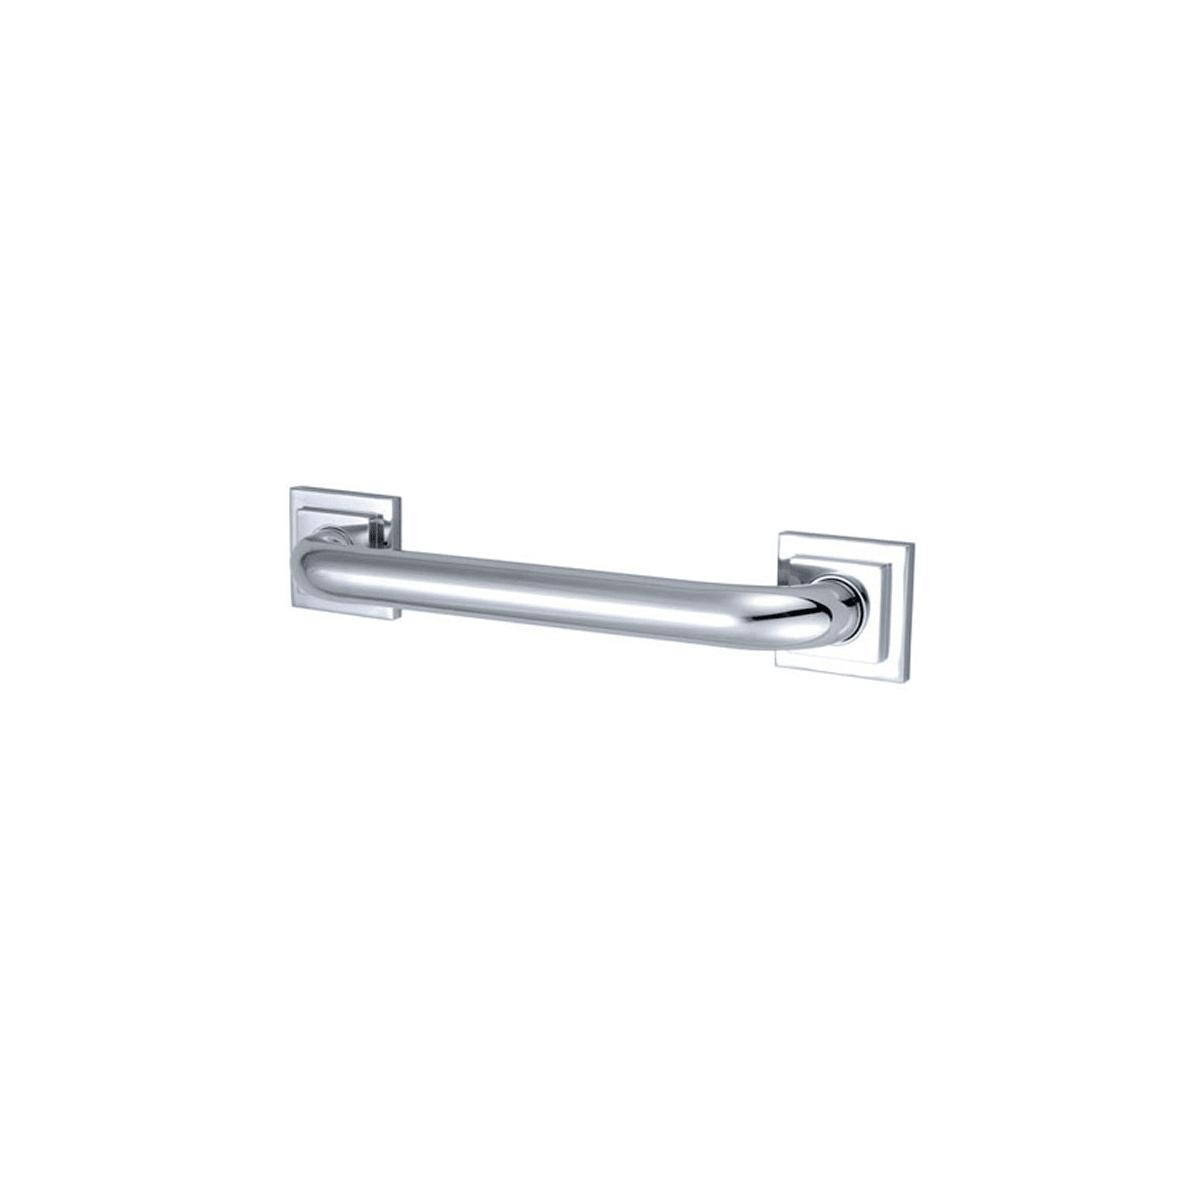 Kingston Brass DR614306 Claremont 30 1-1//4 O.D Grab Bar Polished Nickel